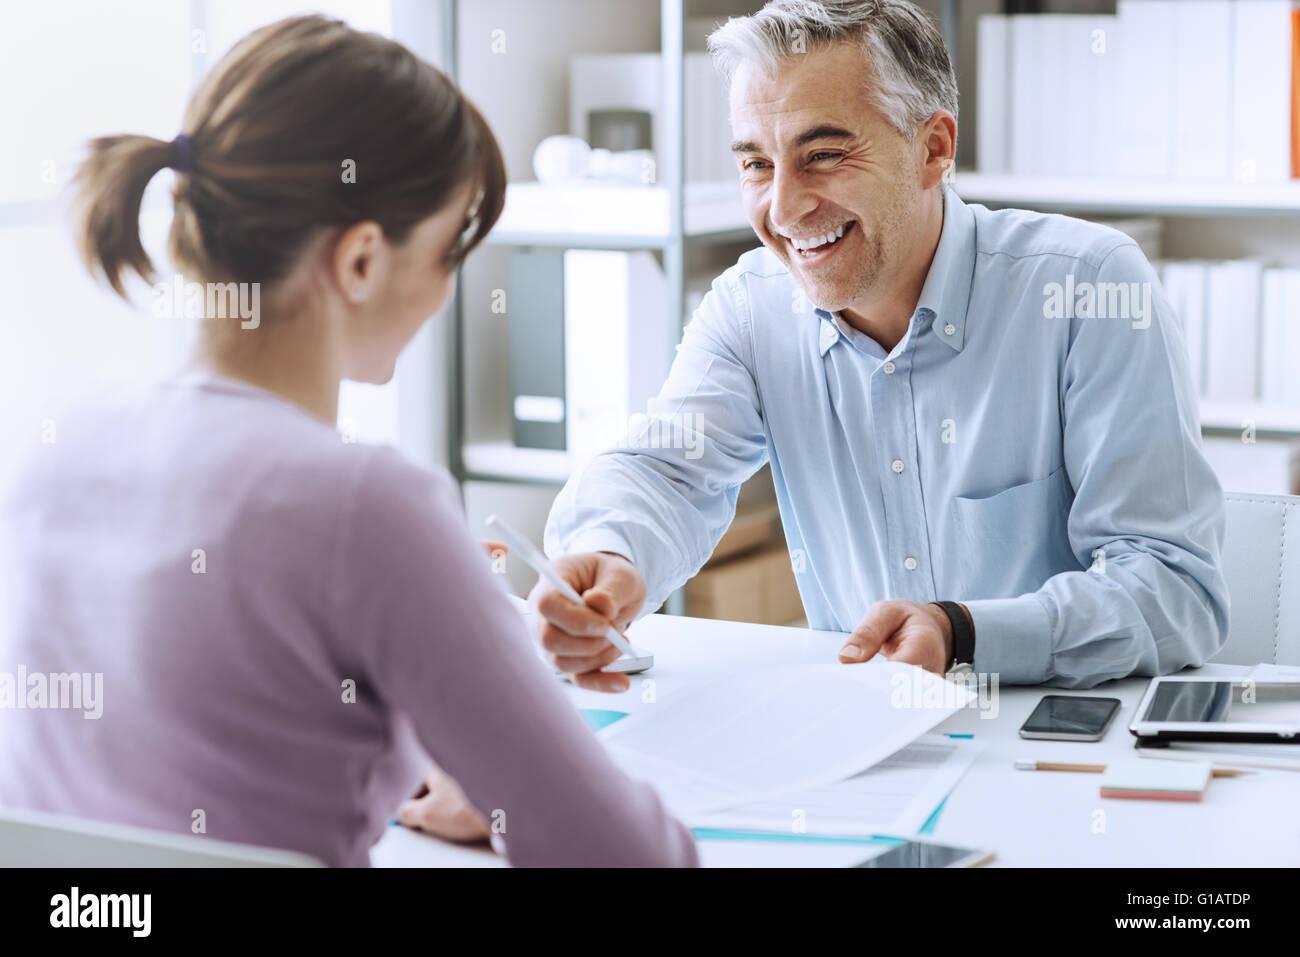 Junge Frau mit einem Business-Meeting und unterzeichnen eine Abkommen, Vertrag und Rekrutierung Konzept Stockbild